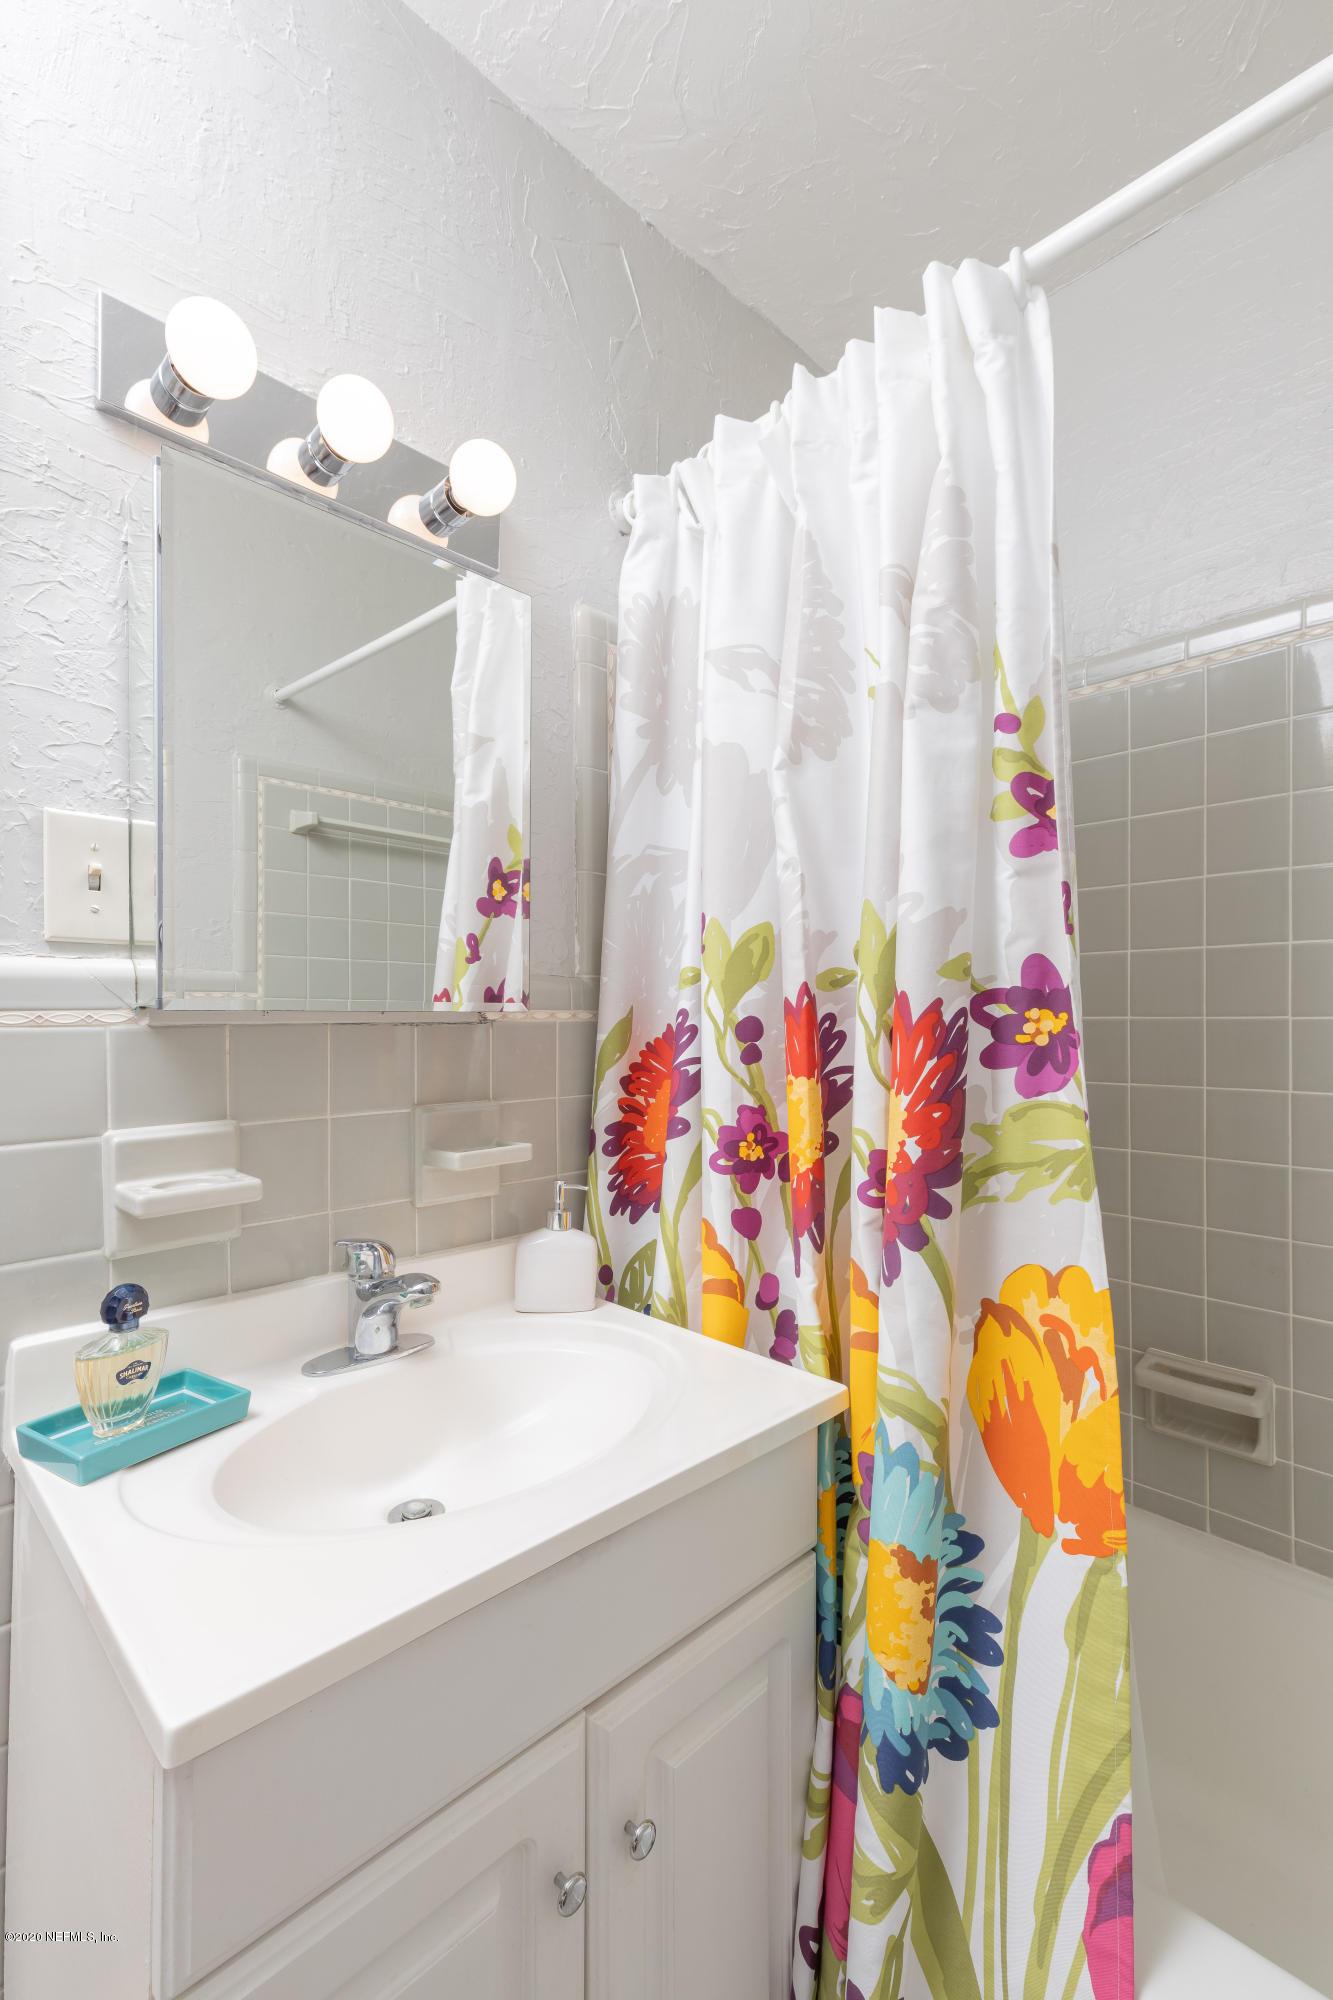 204 FLAGLER, ST AUGUSTINE, FLORIDA 32080, 3 Bedrooms Bedrooms, ,2 BathroomsBathrooms,Residential,For sale,FLAGLER,1083094